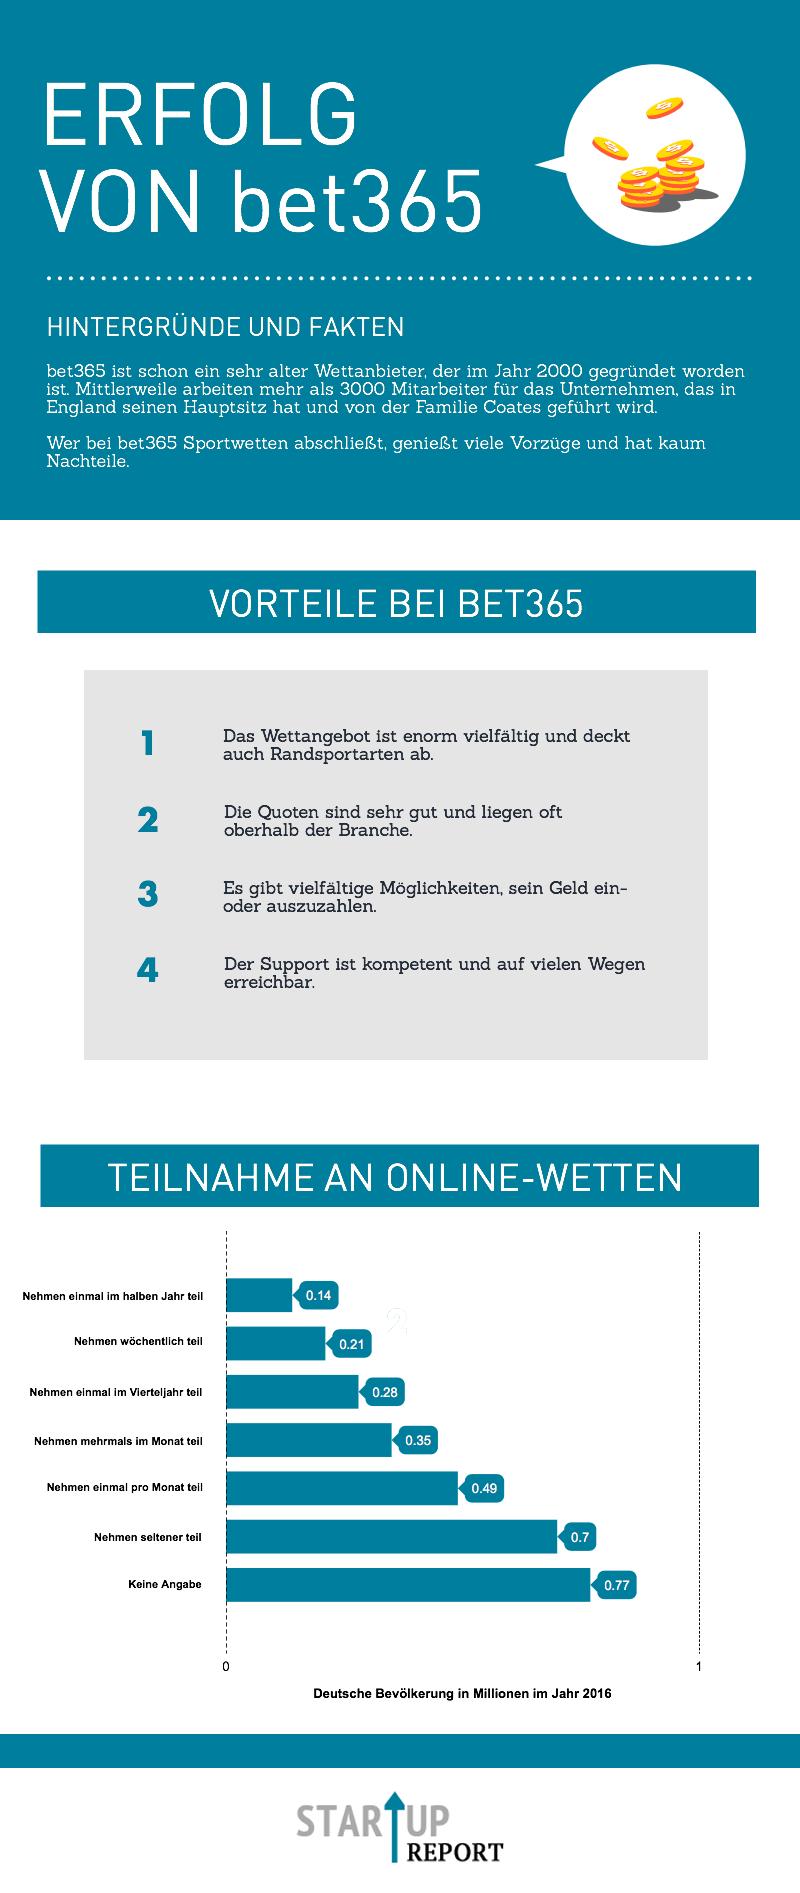 Der Anbieter bet365 hat sich in den letzten Jahren wirklich gemacht und überzeugt auch auf der Ebene des Supports seine Spieler. Infografikquelle: startup-report.de